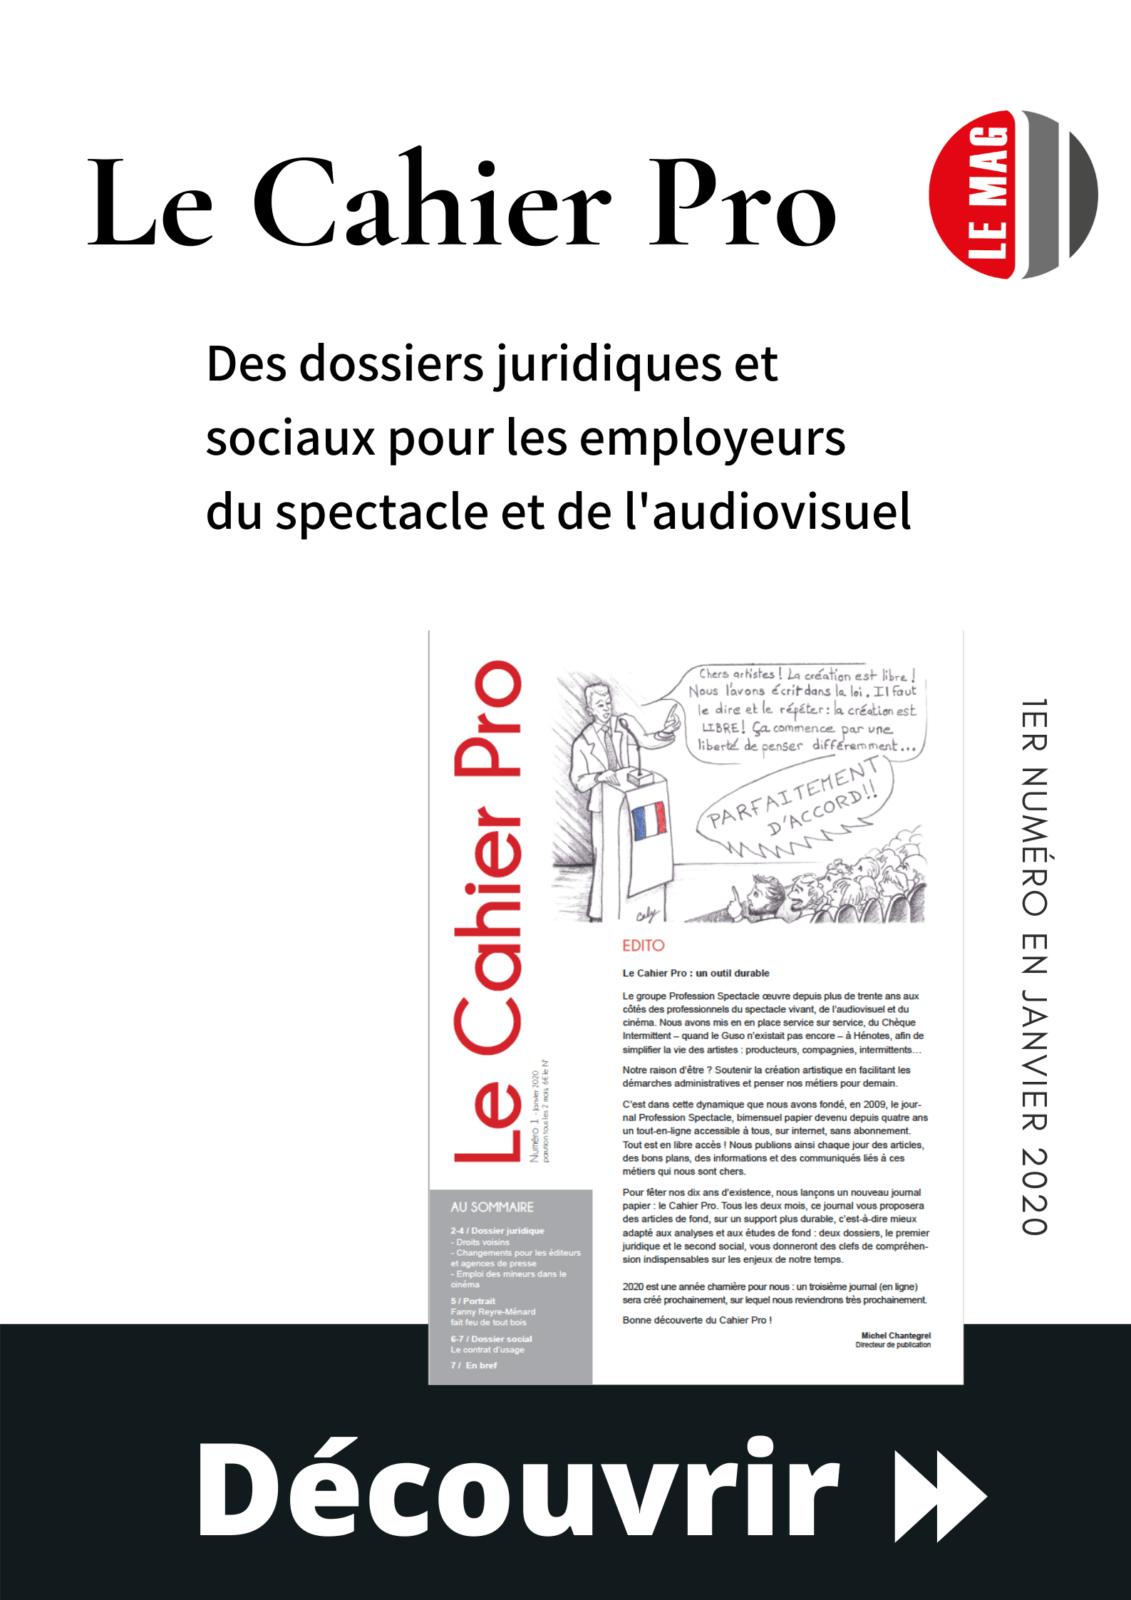 lancement_le_cahier_pro_profession_spectacle_mag-dossier_juridique_social_pour_employeurs_spectacle